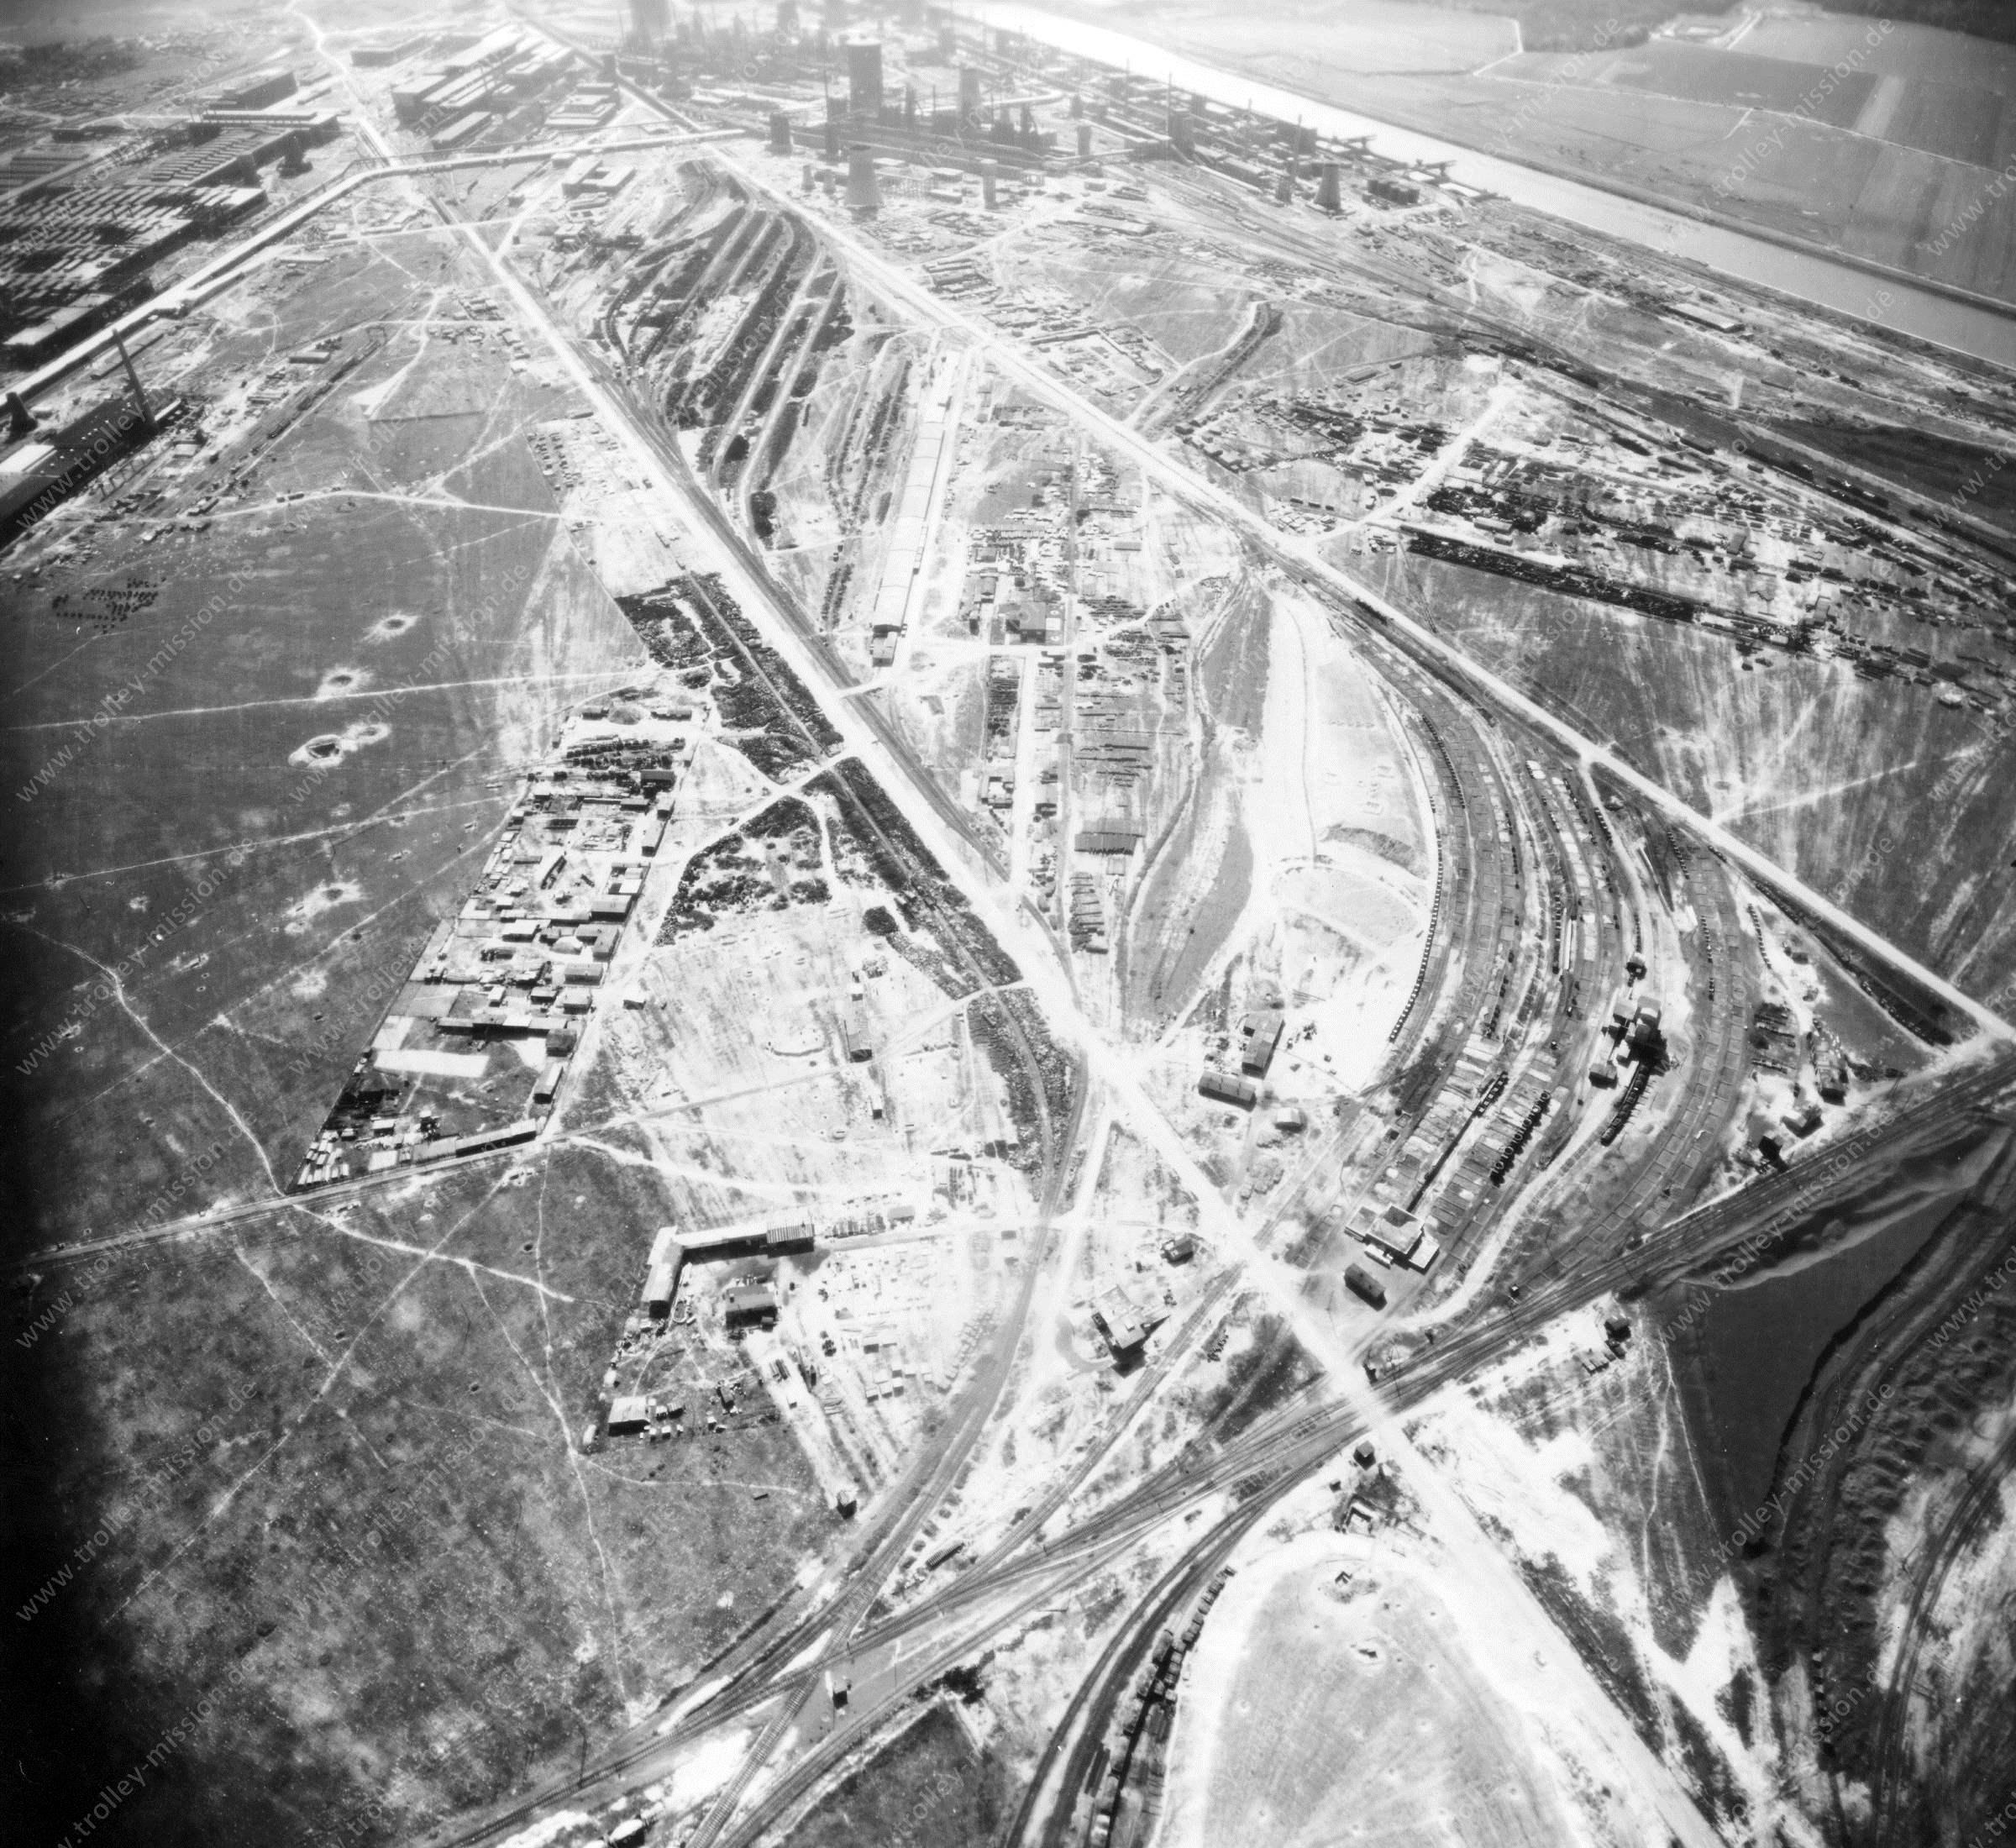 Luftbild der Hermann Göring Reichswerke AG für Erzbergbau und Eisenhütten in Salzgitter am 12. Mai 1945 - Luftbildserie 3/7 der US Luftwaffe